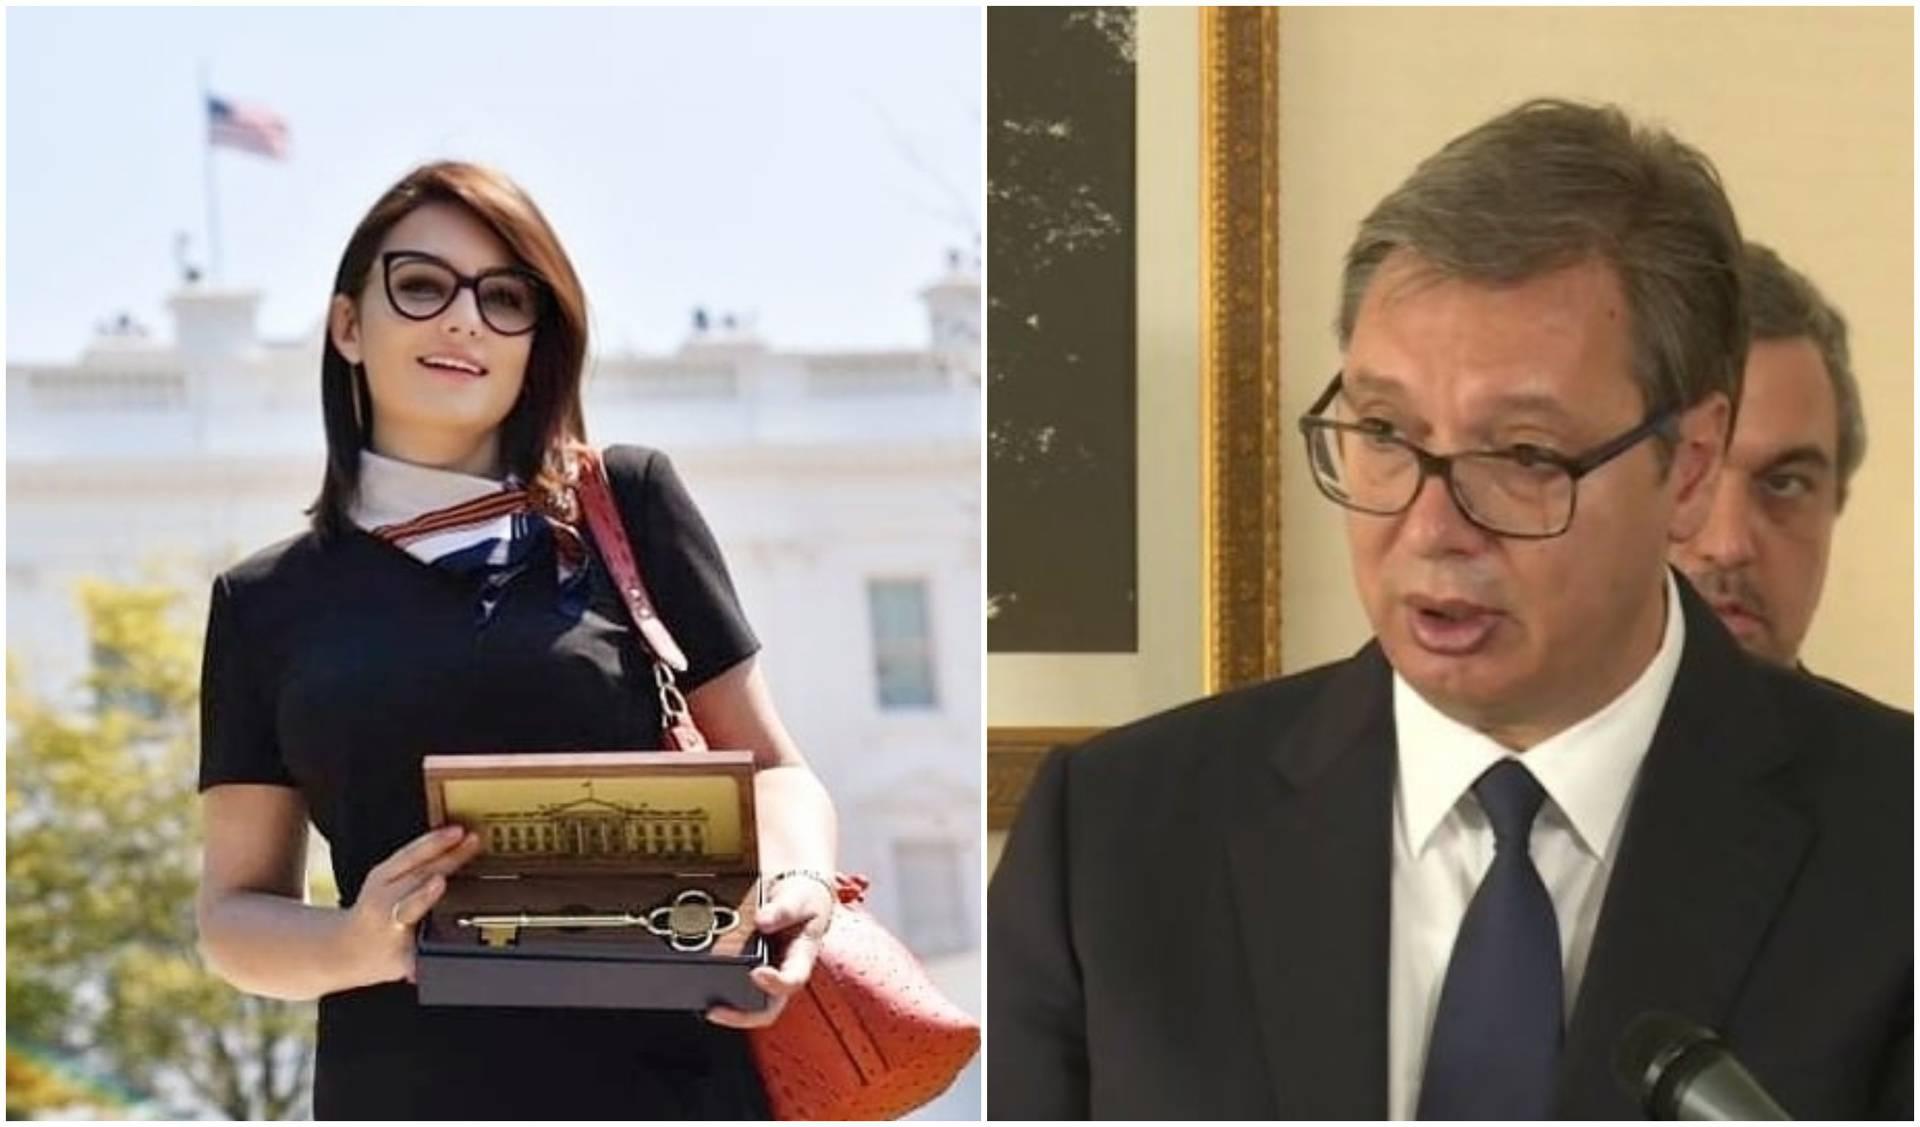 I kosovska delegacija dobila ključ Bijele kuće. Kao i Vučić, i oni mogu kod Trumpa kad god